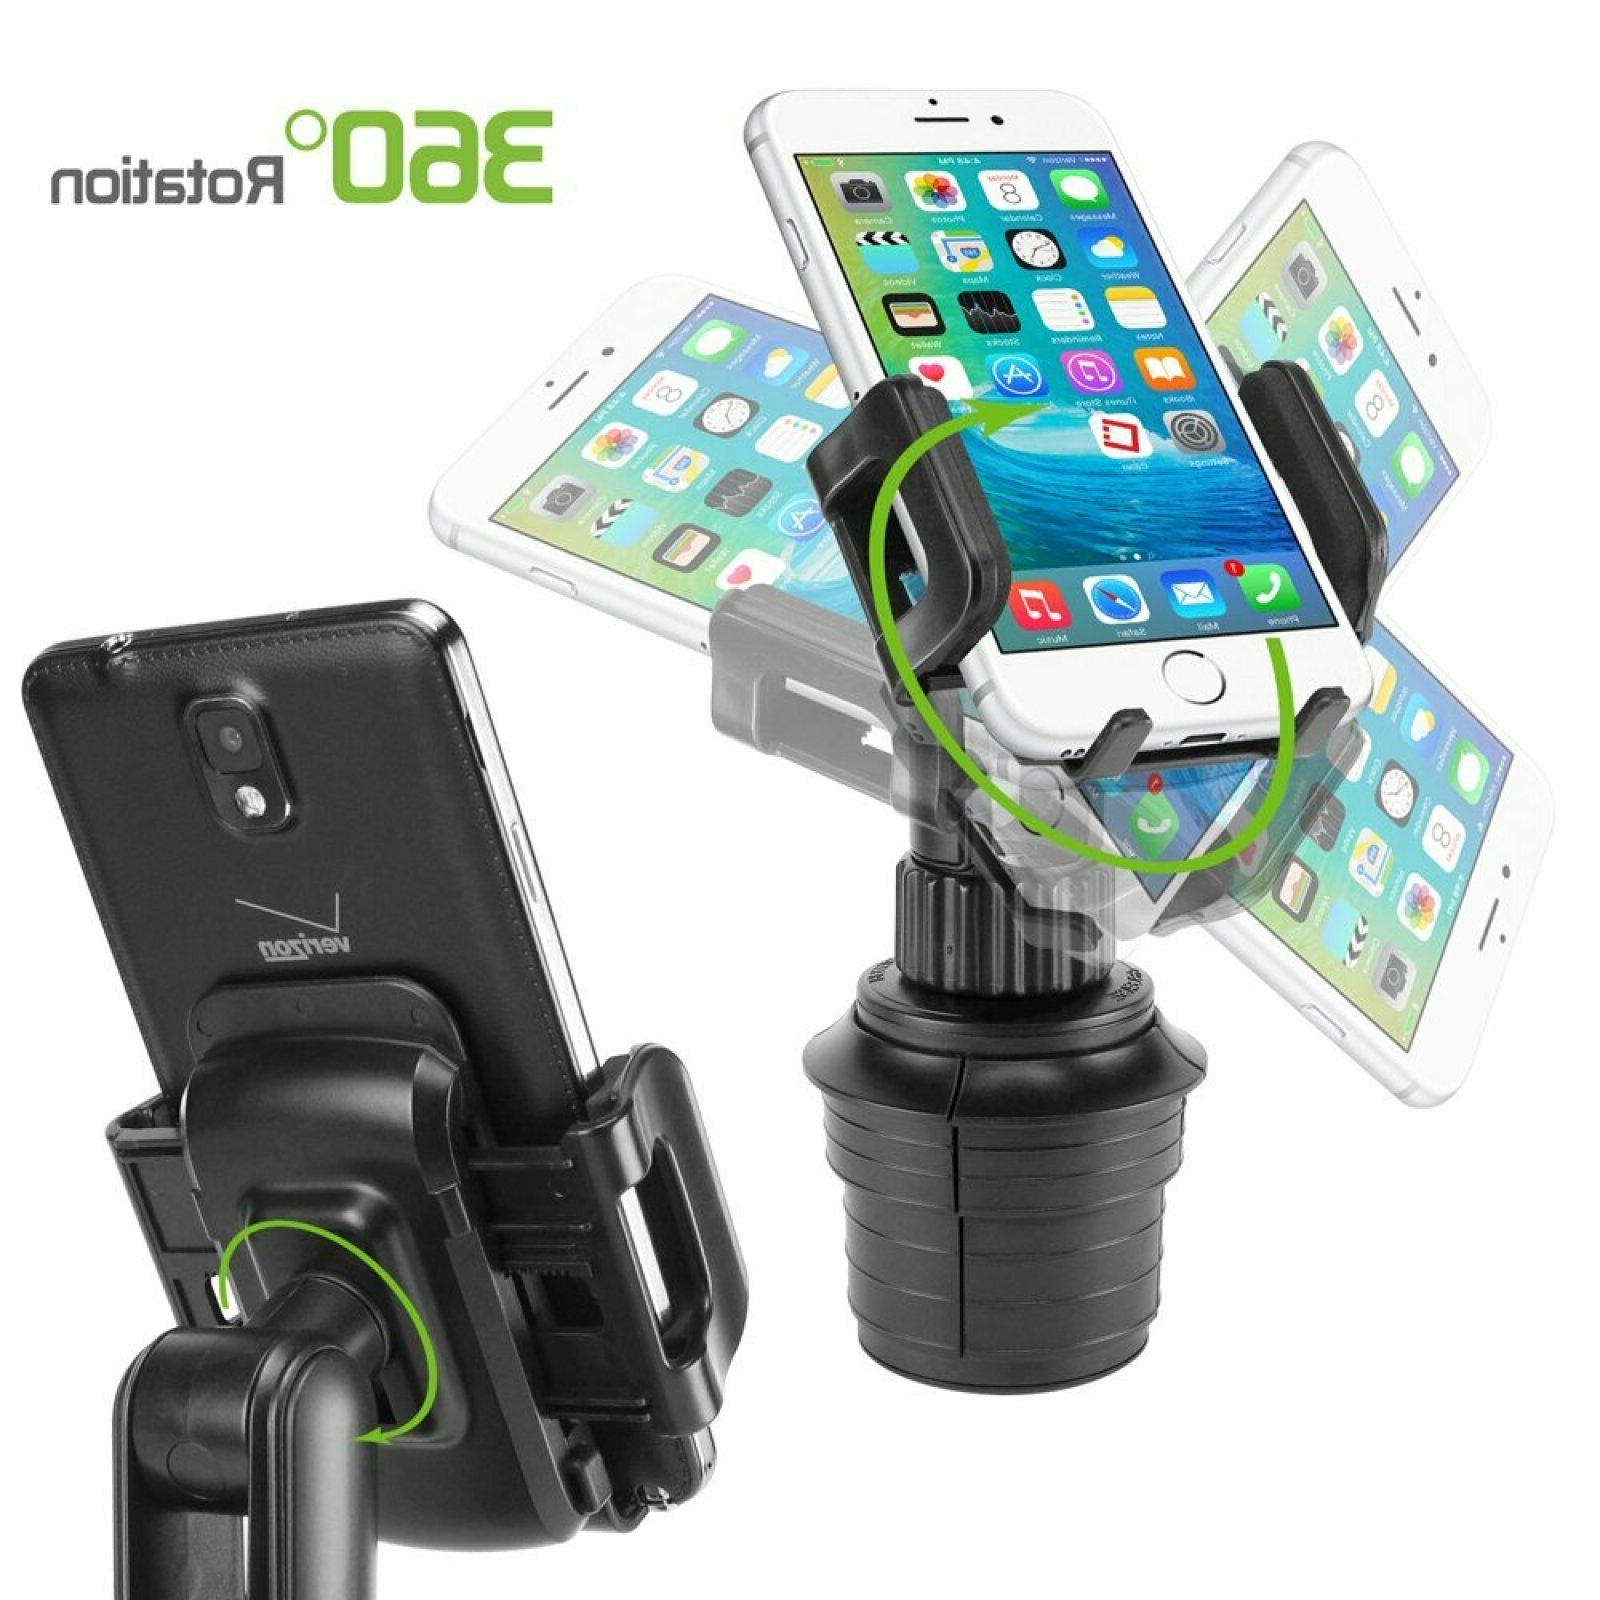 Cellet Cup Holder Mount Smart Phone Cradle For XR